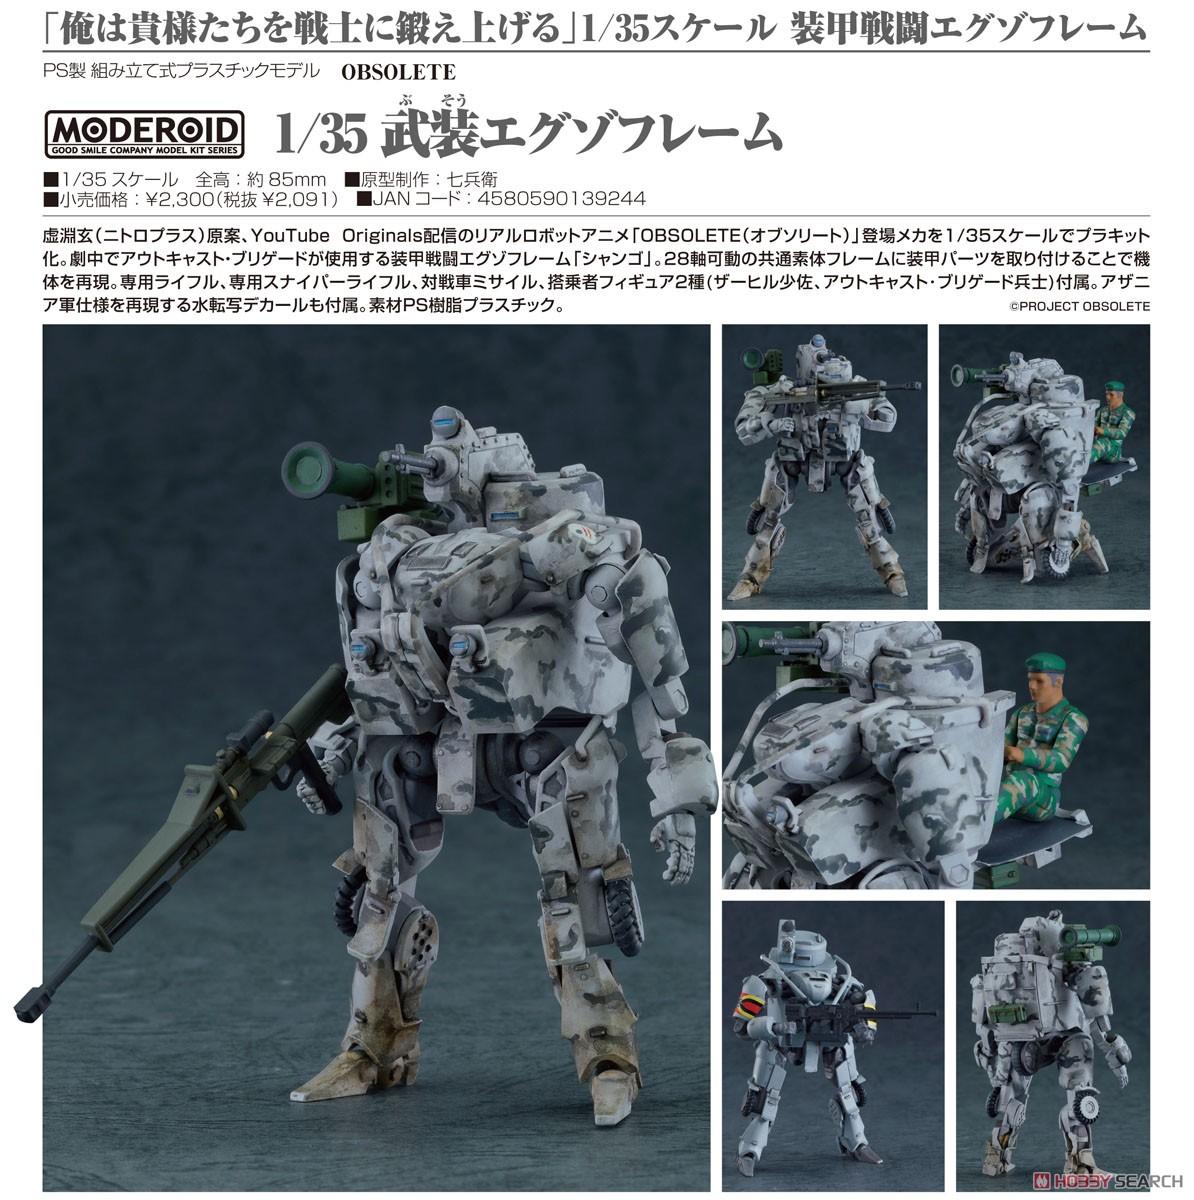 MODEROID『武装エグゾフレーム』OBSOLETE 1/35 プラモデル-006